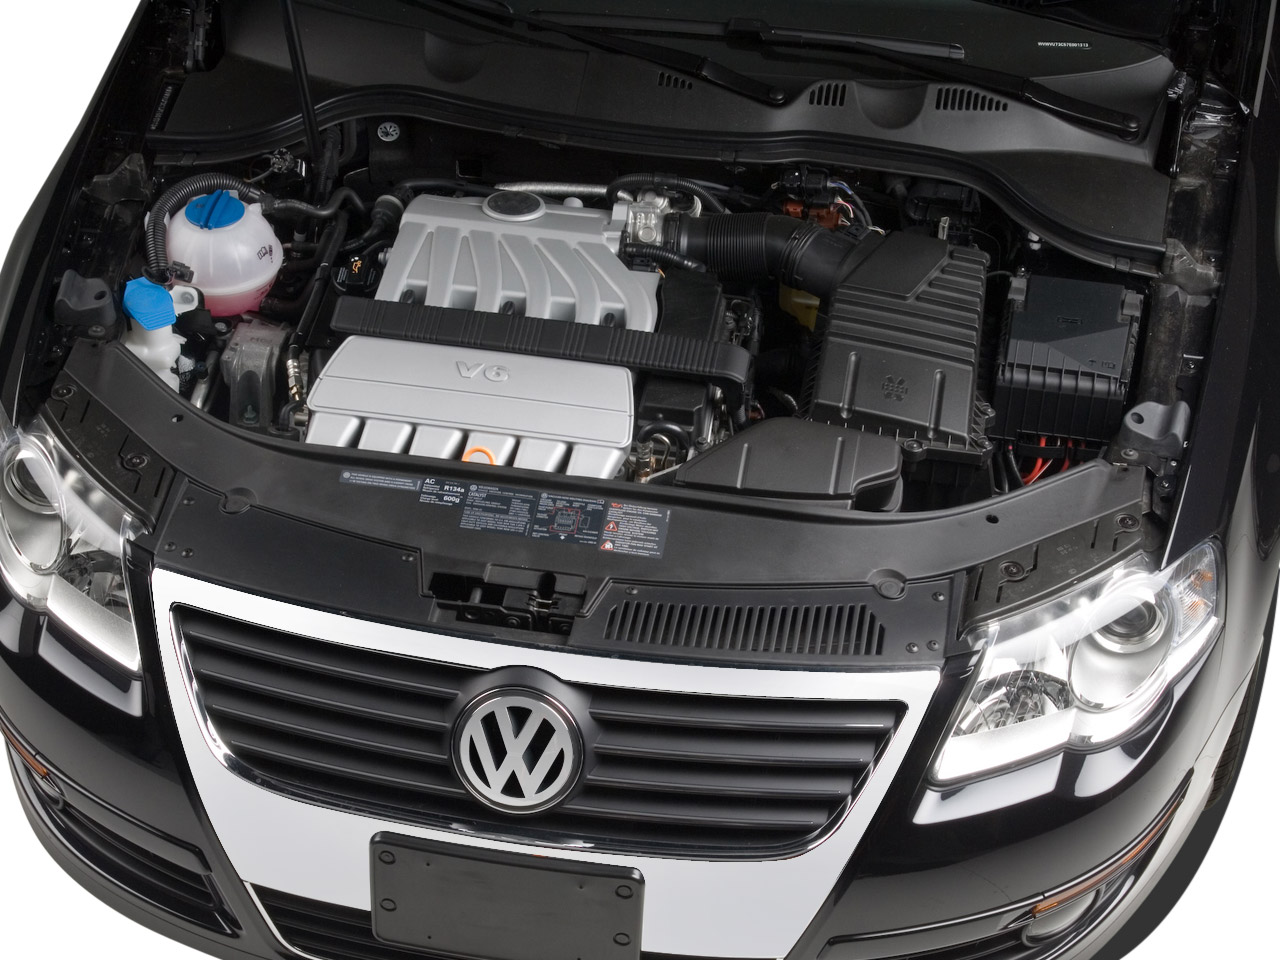 2008 Volkswagen Passat 2 0T Lux -Volkswagen Luxury Sedan